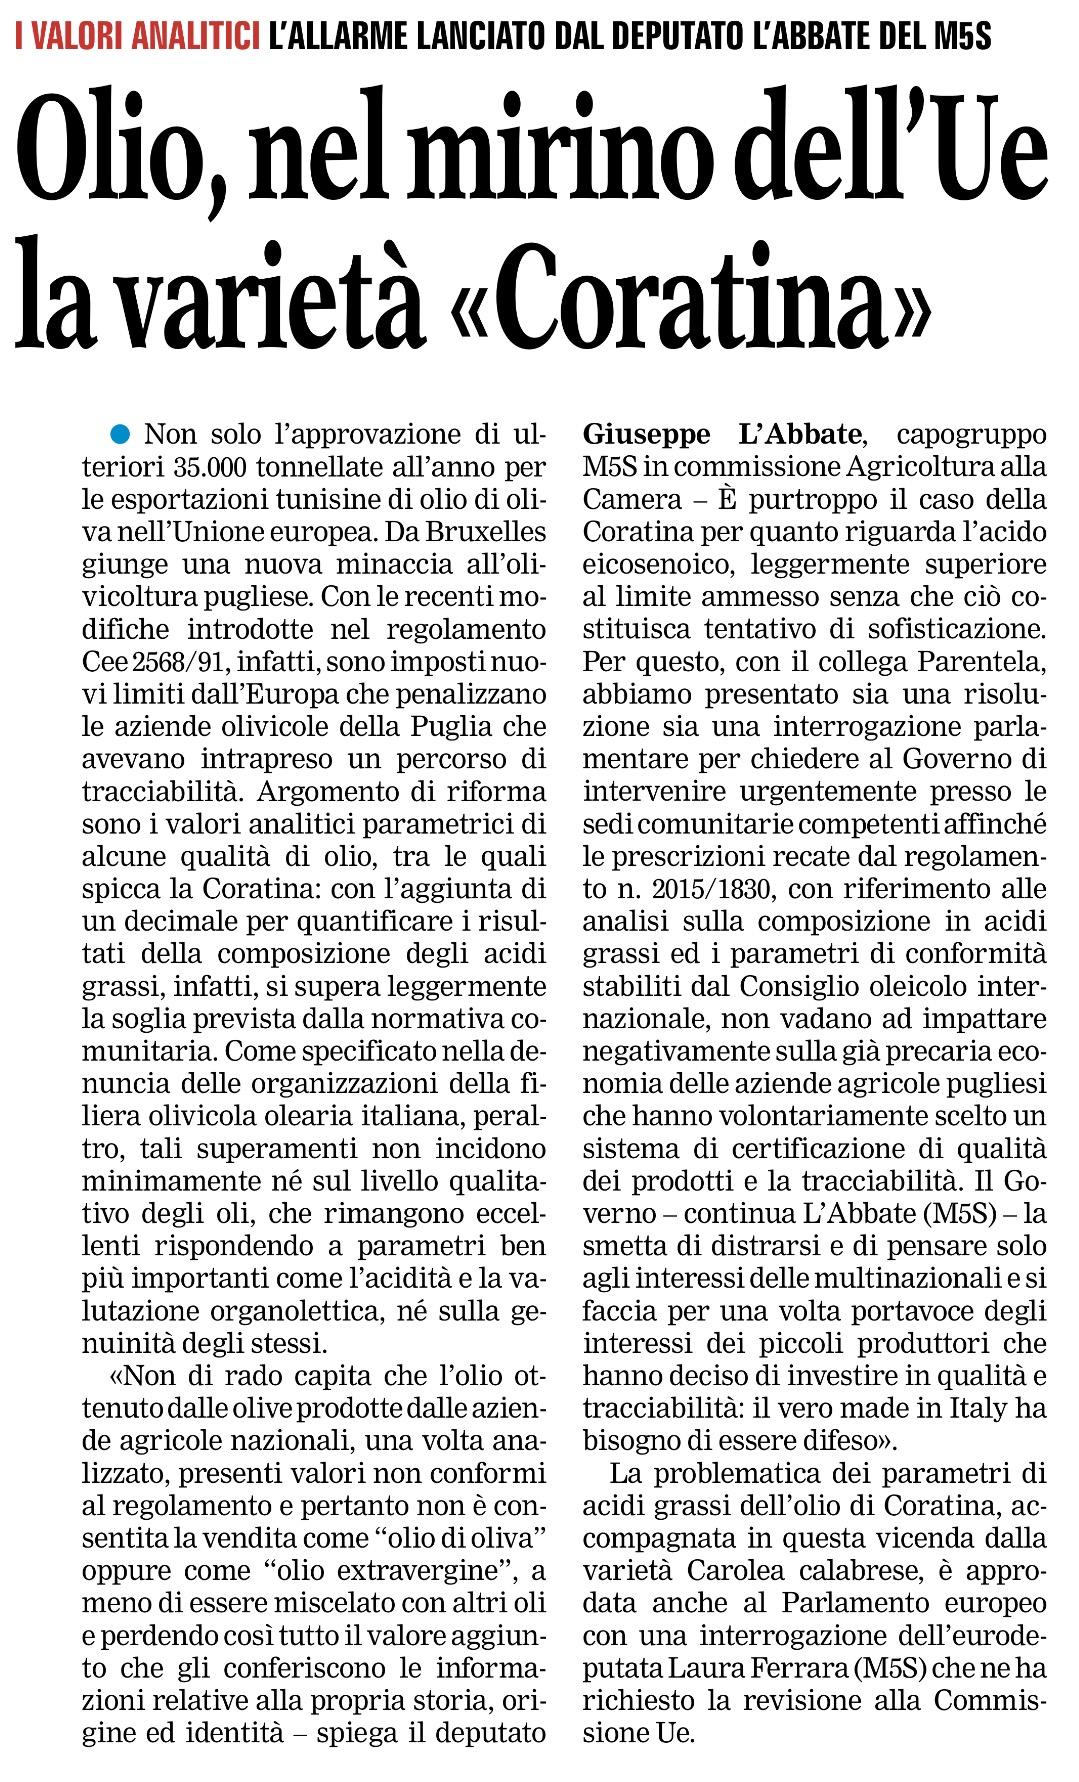 La Gazzetta del Mezzogiorno - 28.01.2016